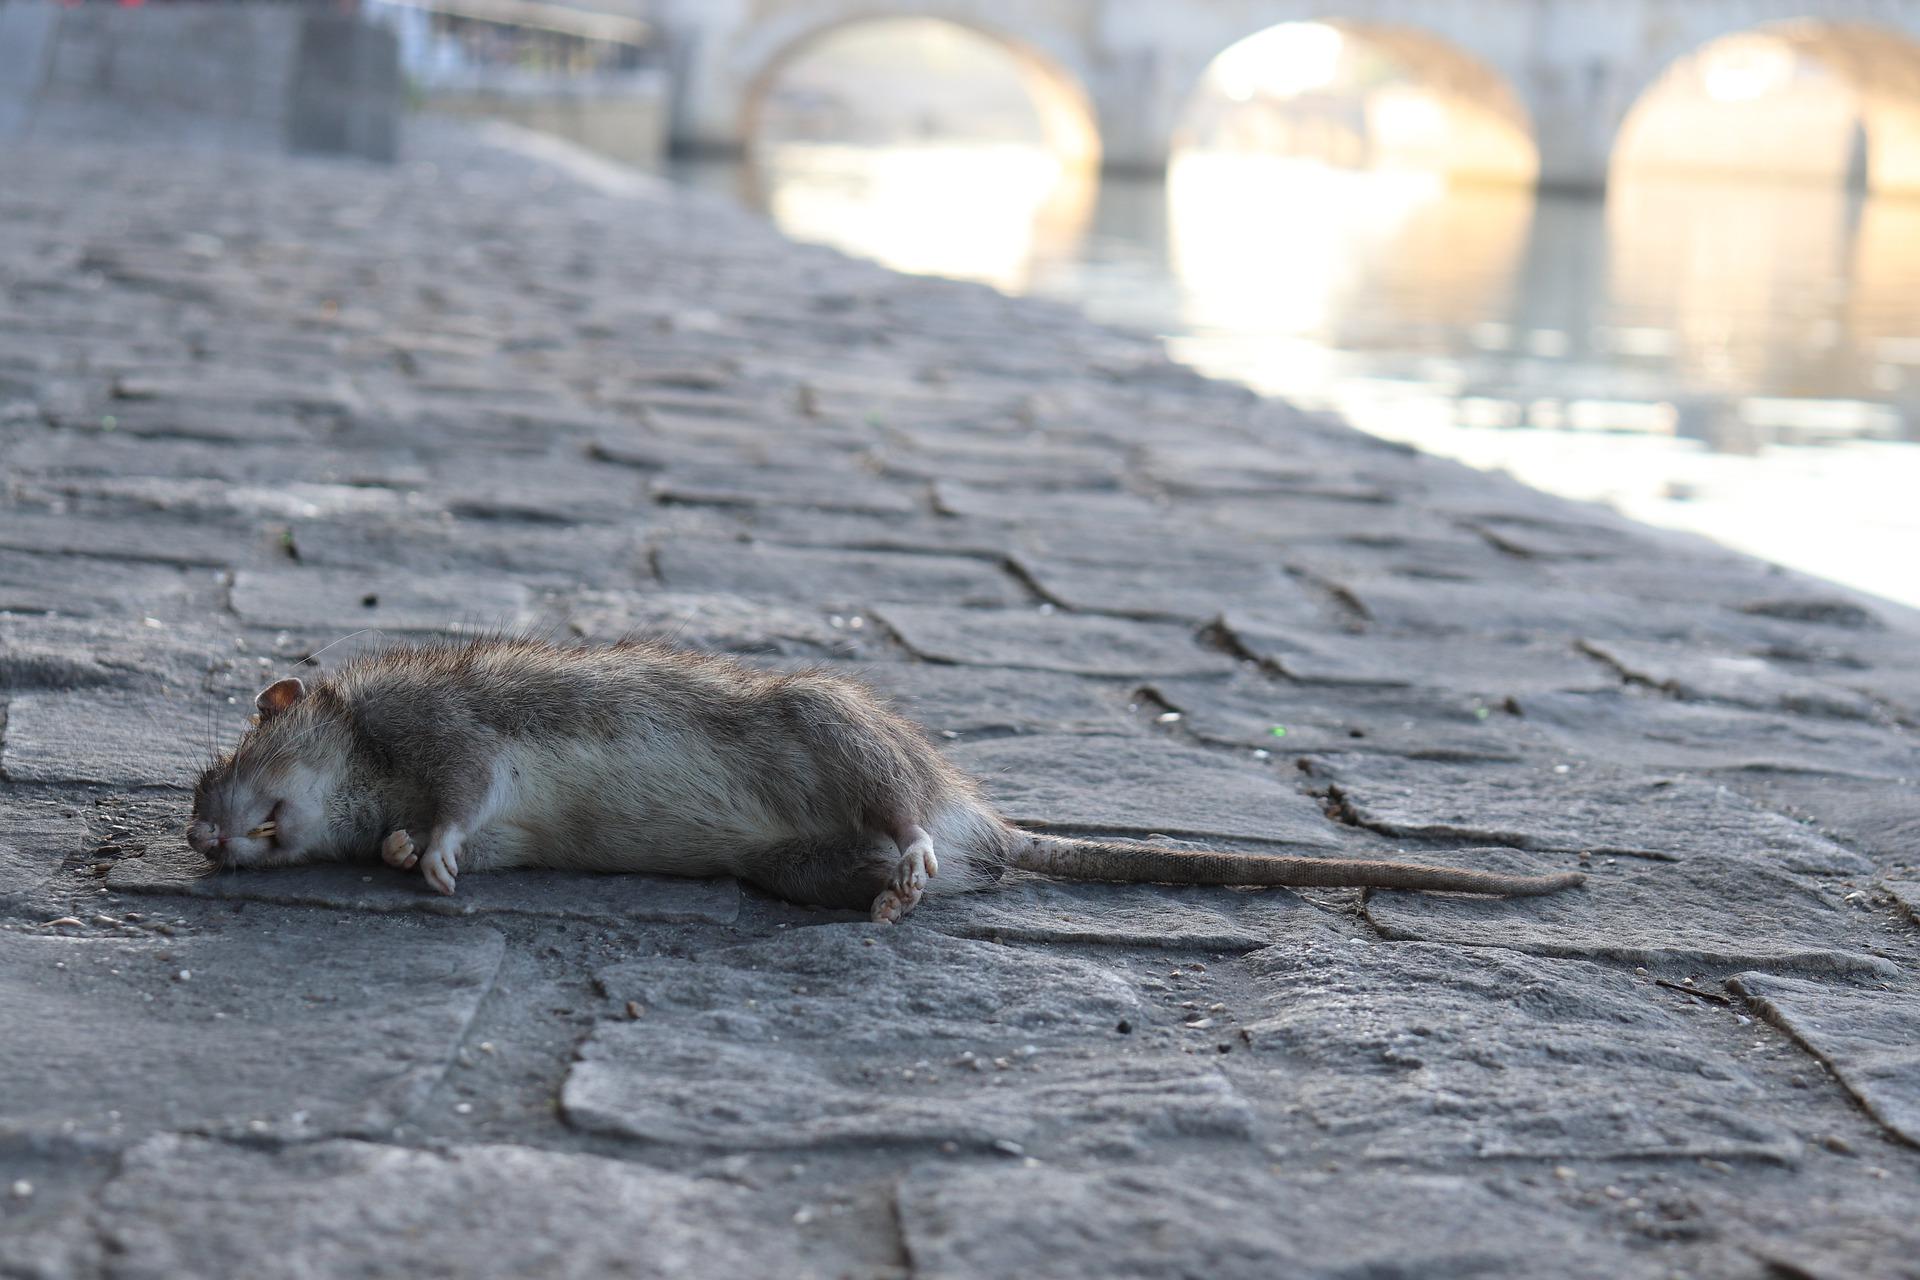 Comment Nettoyer Urine de Rat sans S'intoxiquer